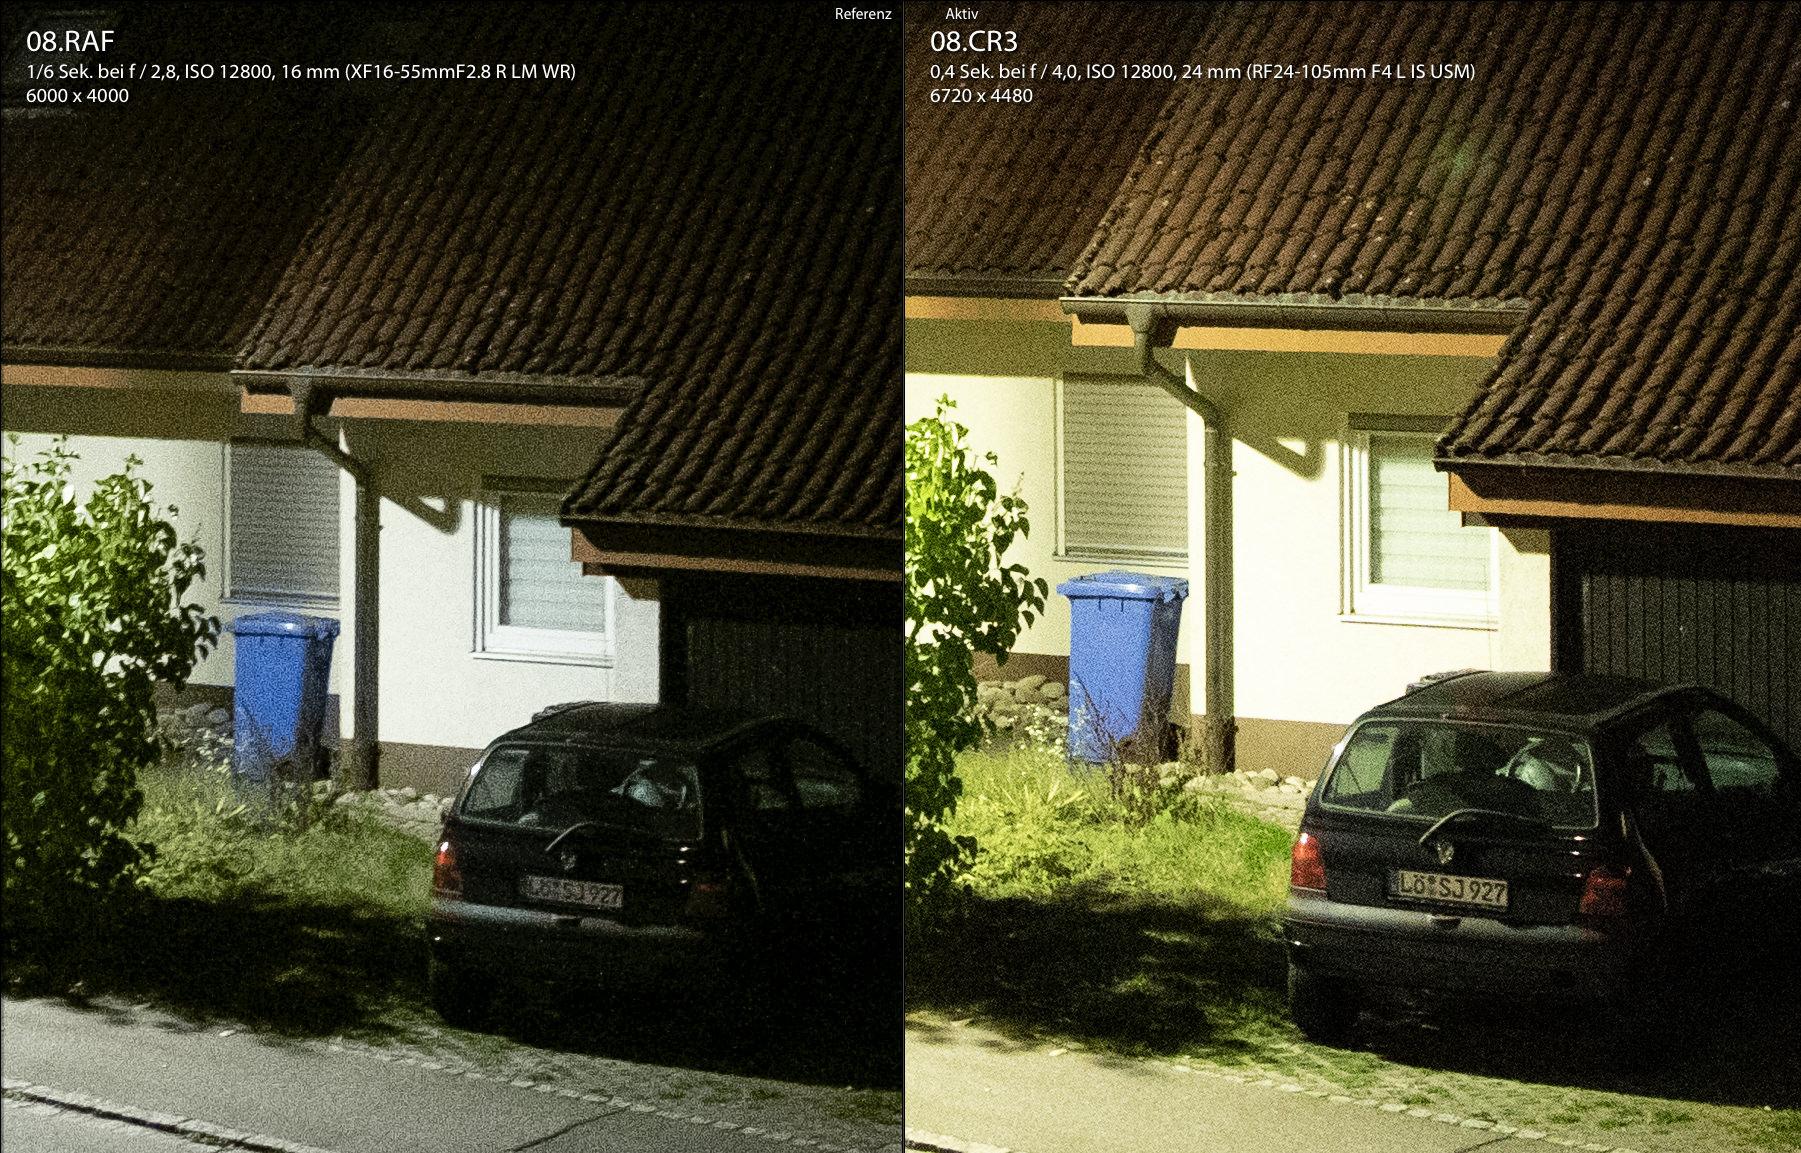 Auto vor Garage in Dunkelheit